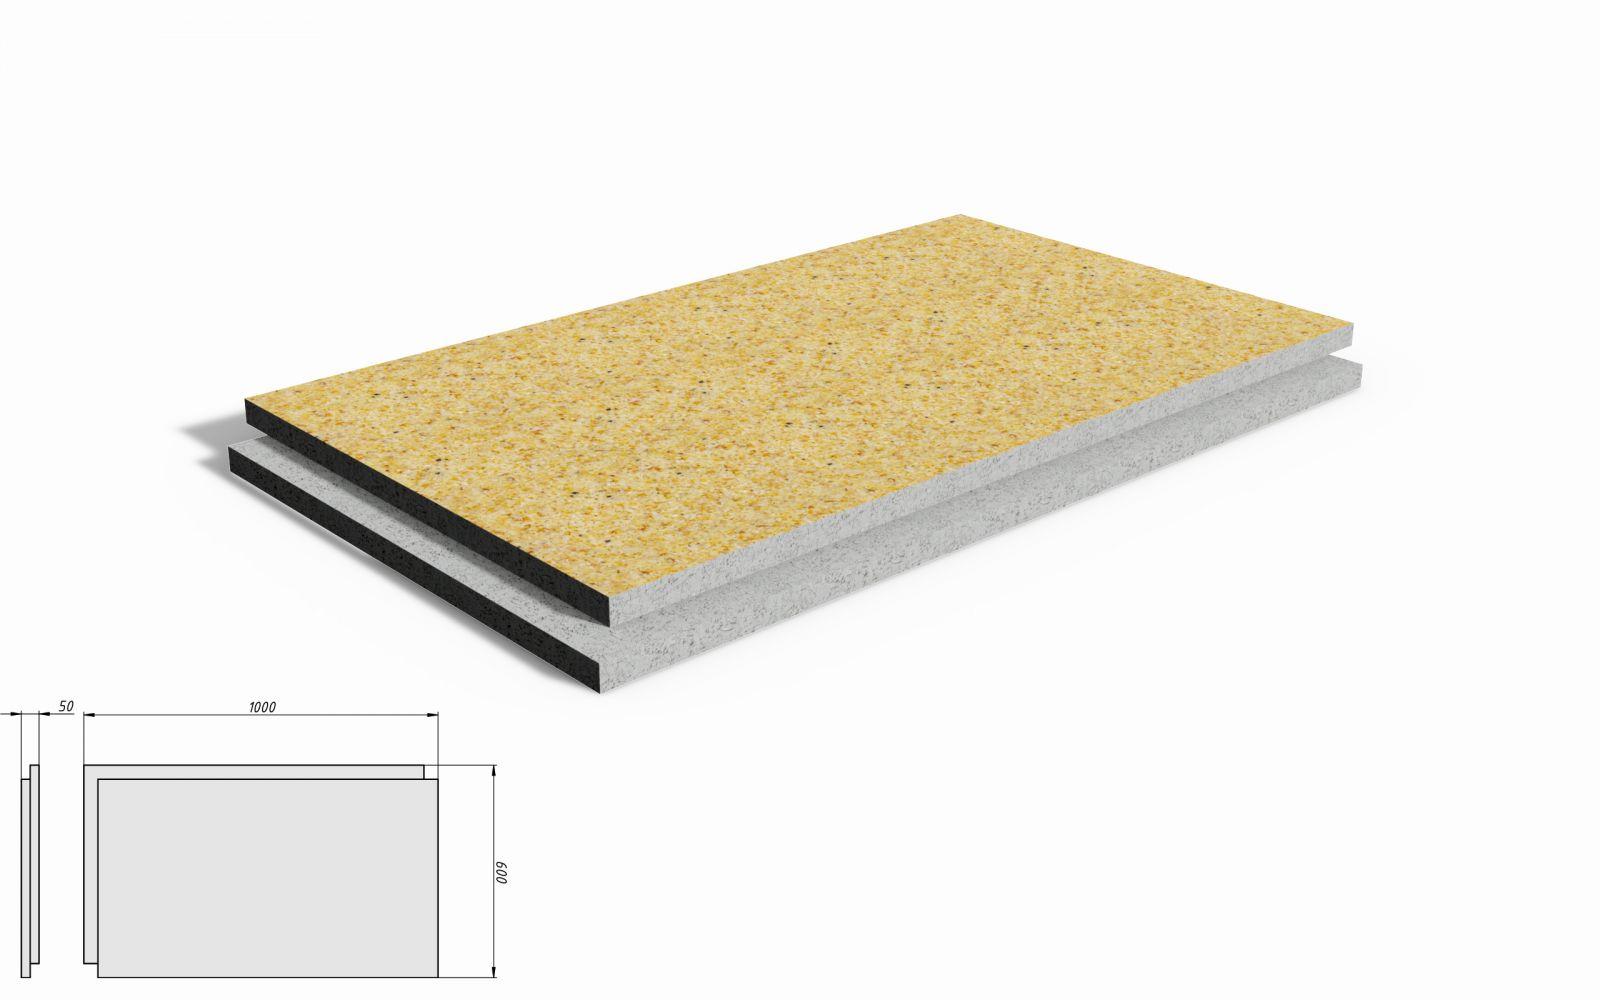 """Фасадная термопанель """"ТеплоЭко"""" (утепление+отделка фасада) - это фасадная система на основе пенополистирола ПСБ-35 , с нанесением фактурного декоративного слоя из натуральной мраморной(каменной) крошки и современных полимерных соединений."""